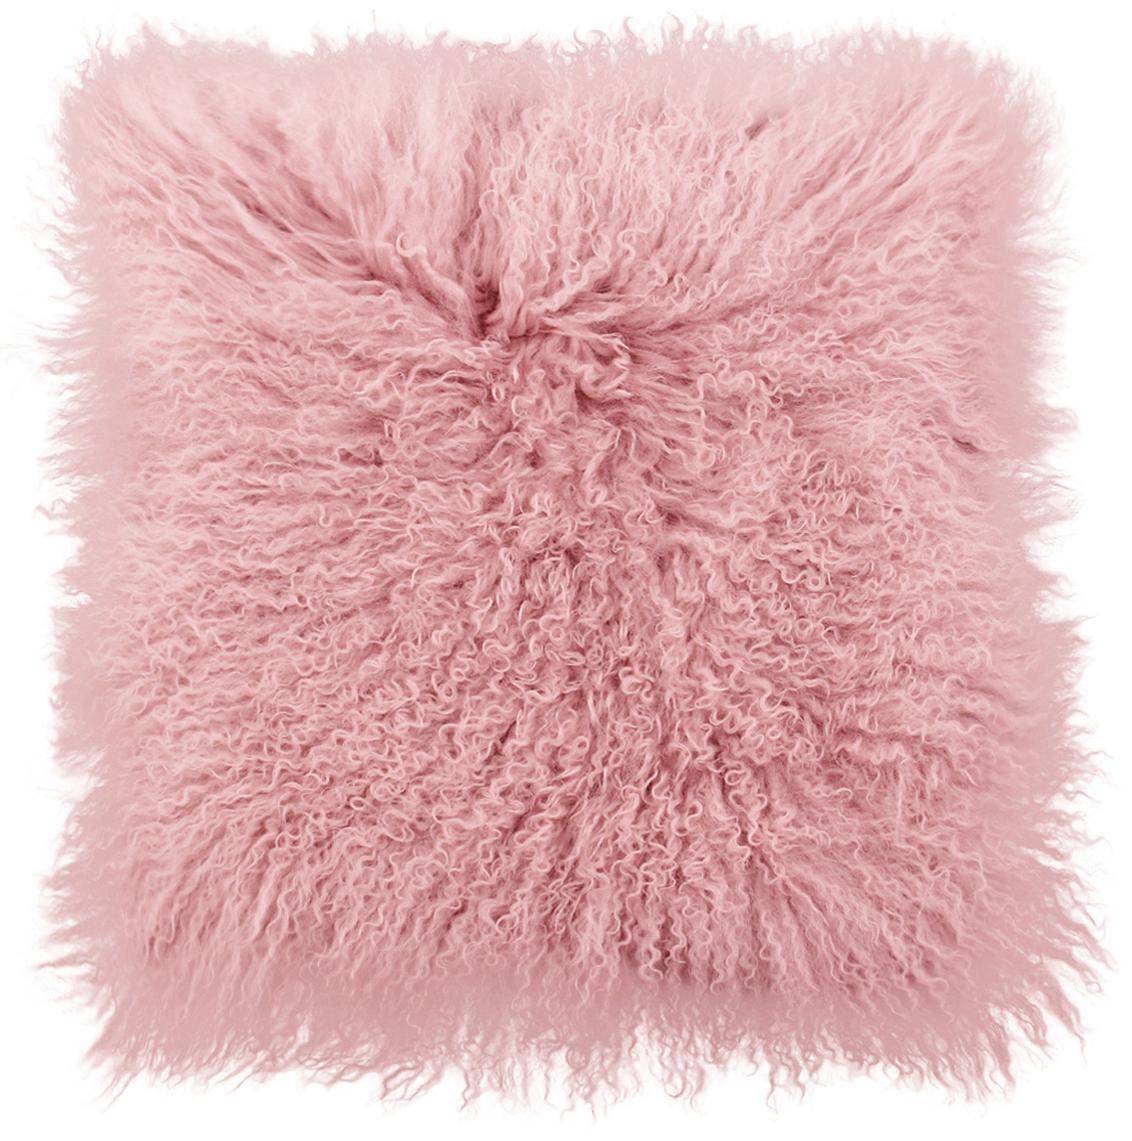 Kussenhoes van langharige schapenvacht Ella, gekruld, Roze, 40 x 40 cm